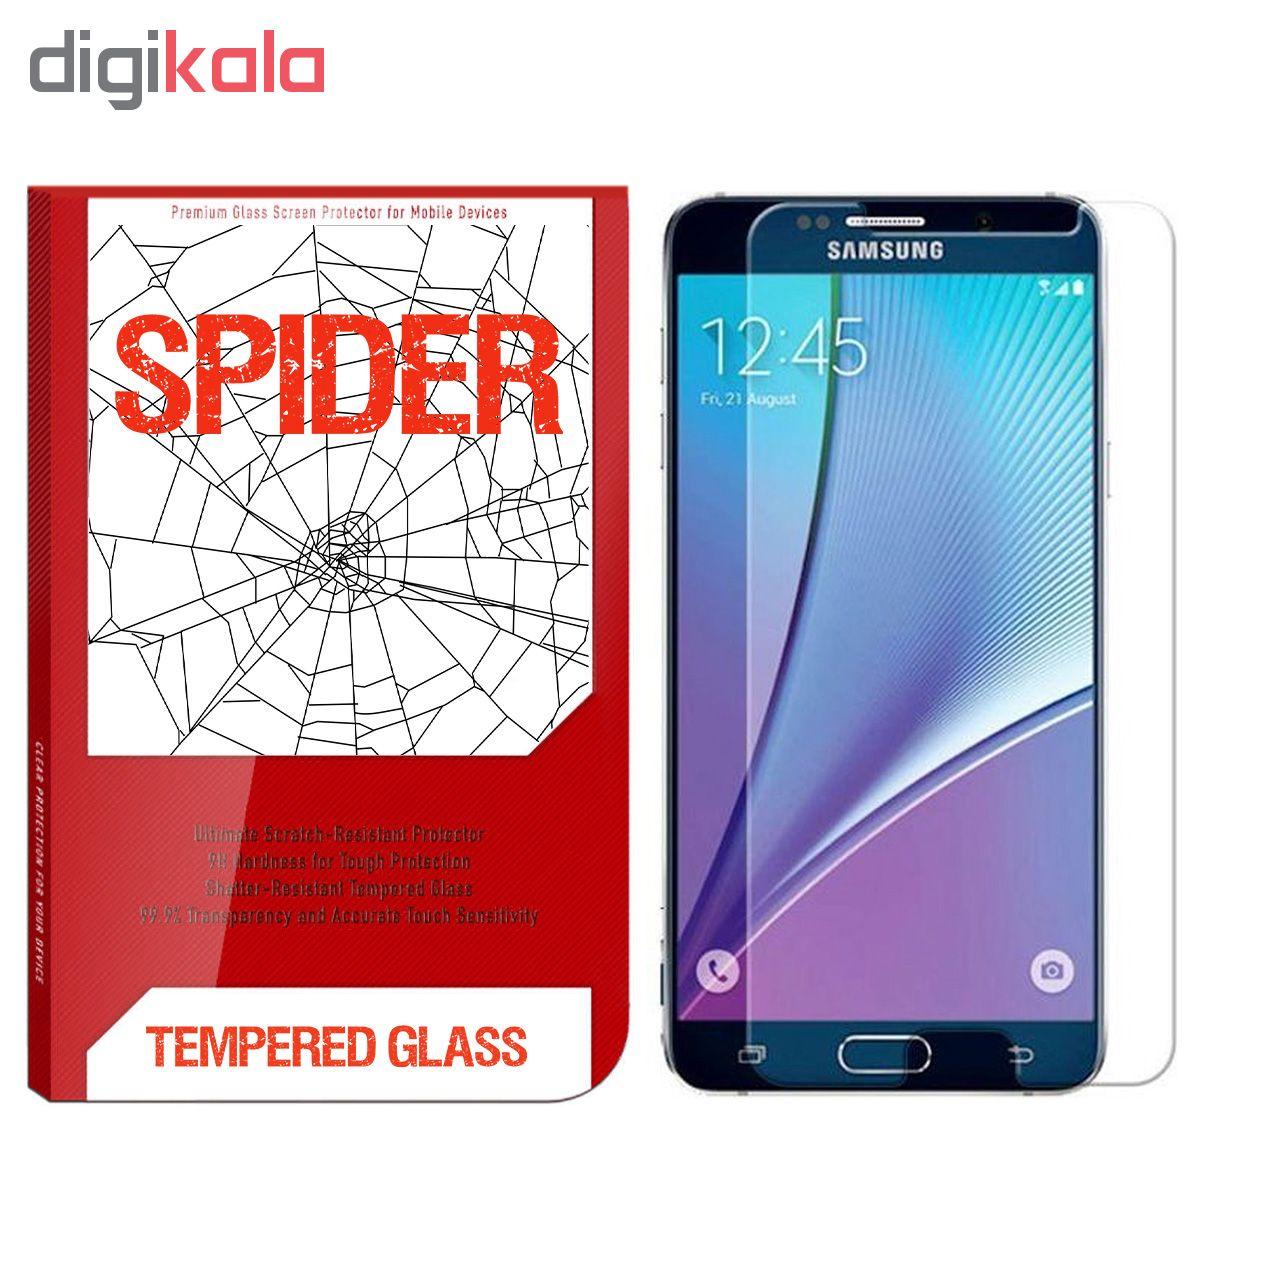 محافظ صفحه نمایش اسپایدر مدل S-TMP002 مناسب برای گوشی موبایل سامسونگ Galaxy A5 2015 main 1 1